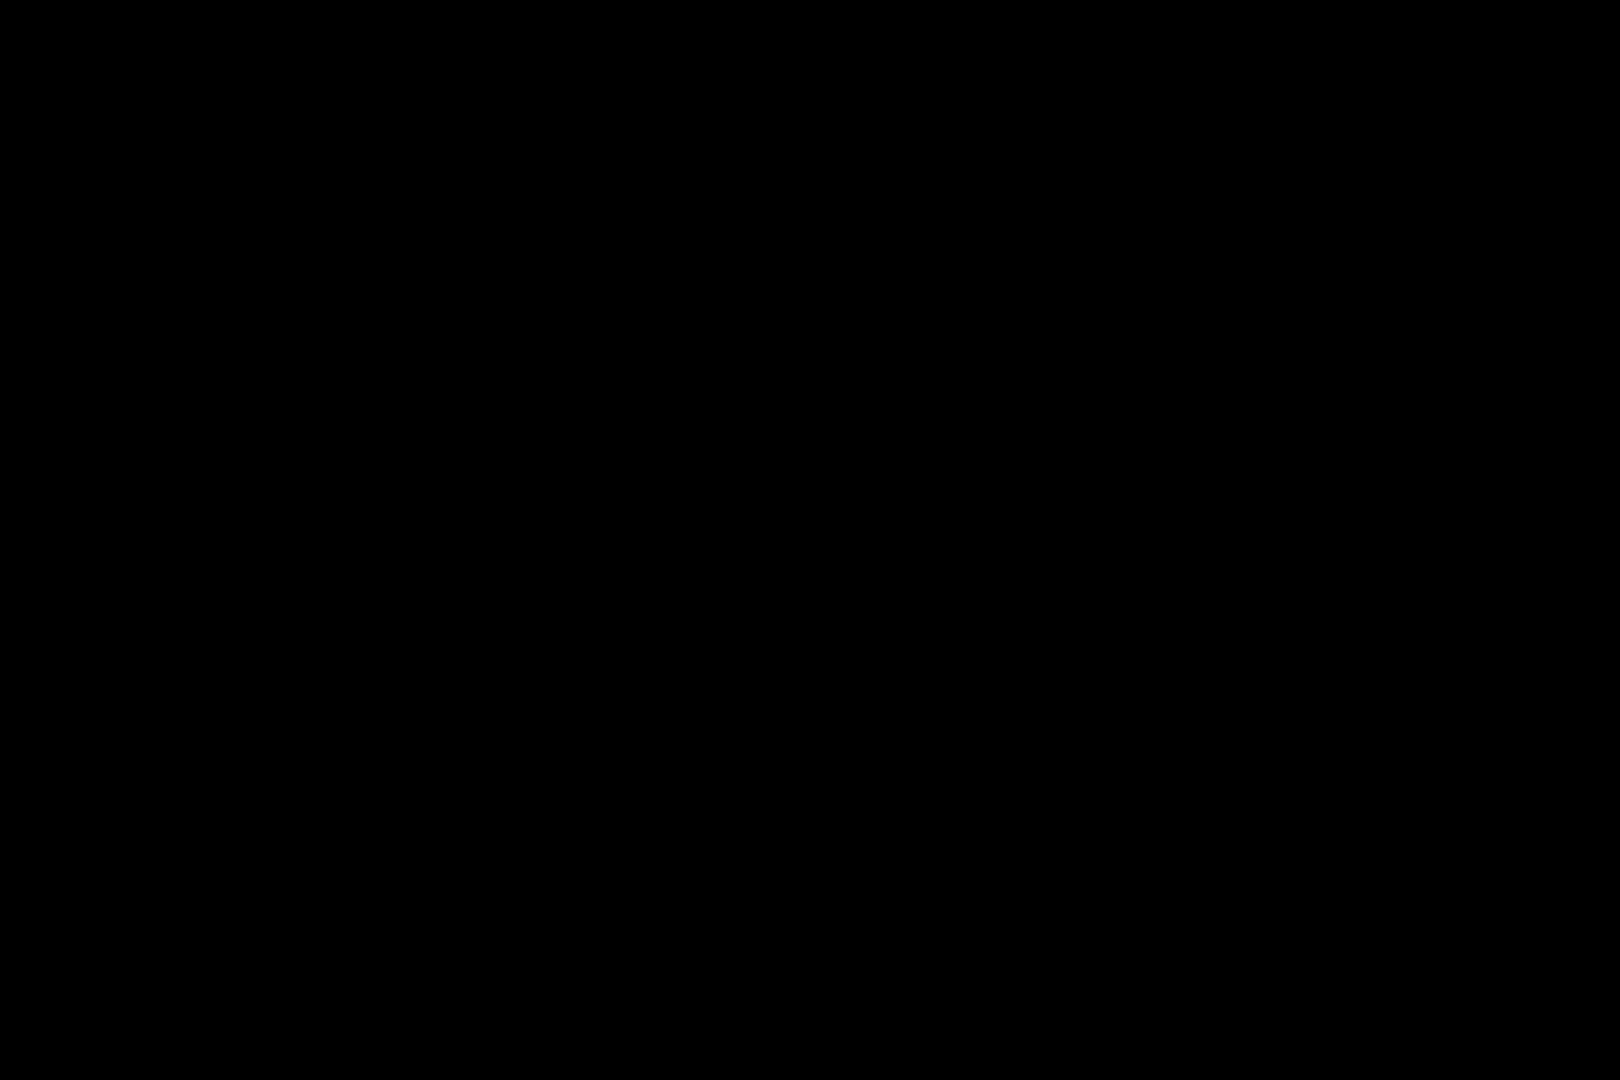 充血監督の深夜の運動会Vol.151 エッチなセックス  97画像 44